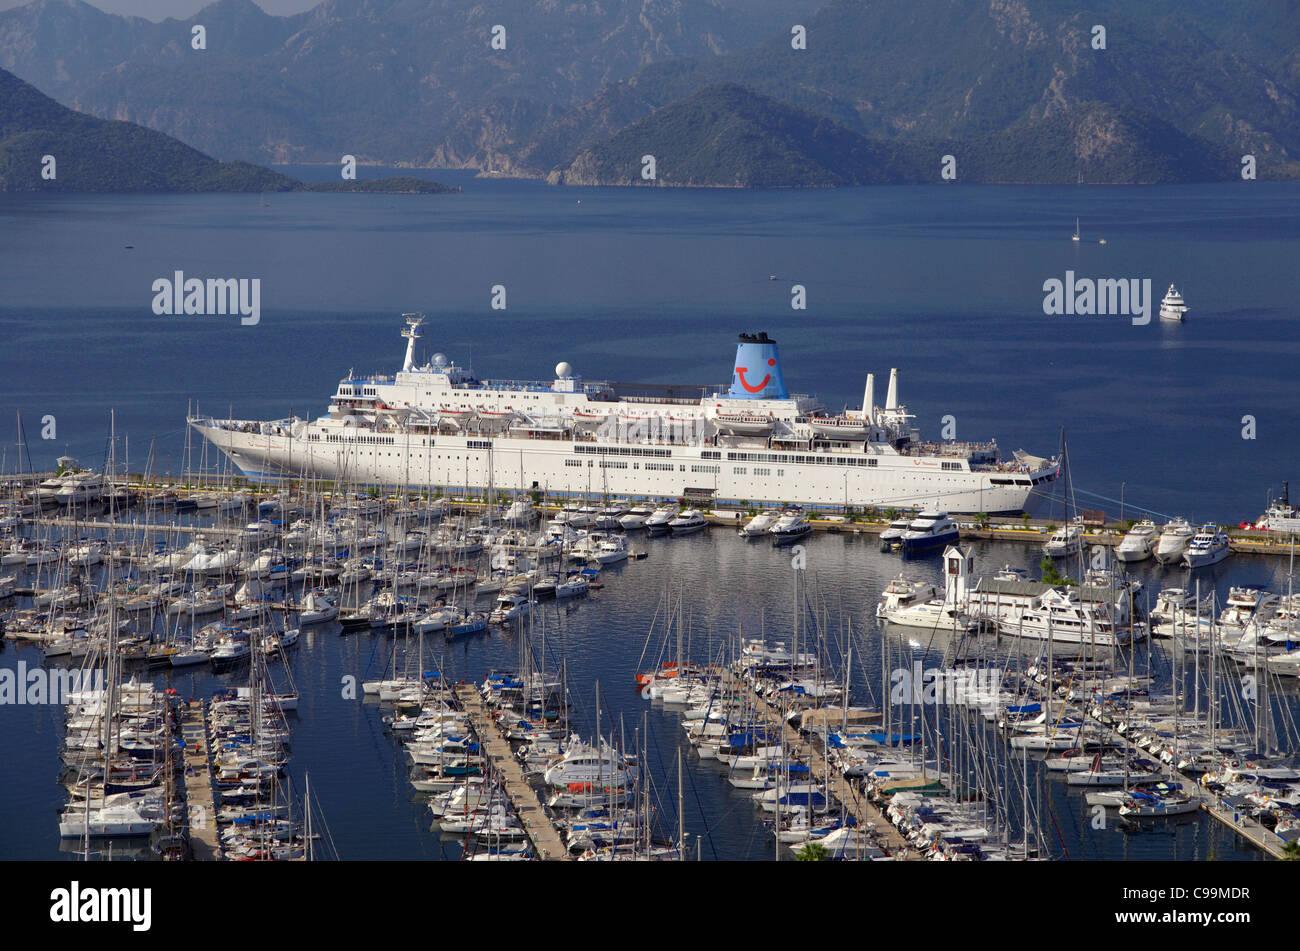 Thomson 'Celebration' cruise ship at Marmaris cruise port, Muğla, Turkey - Stock Image